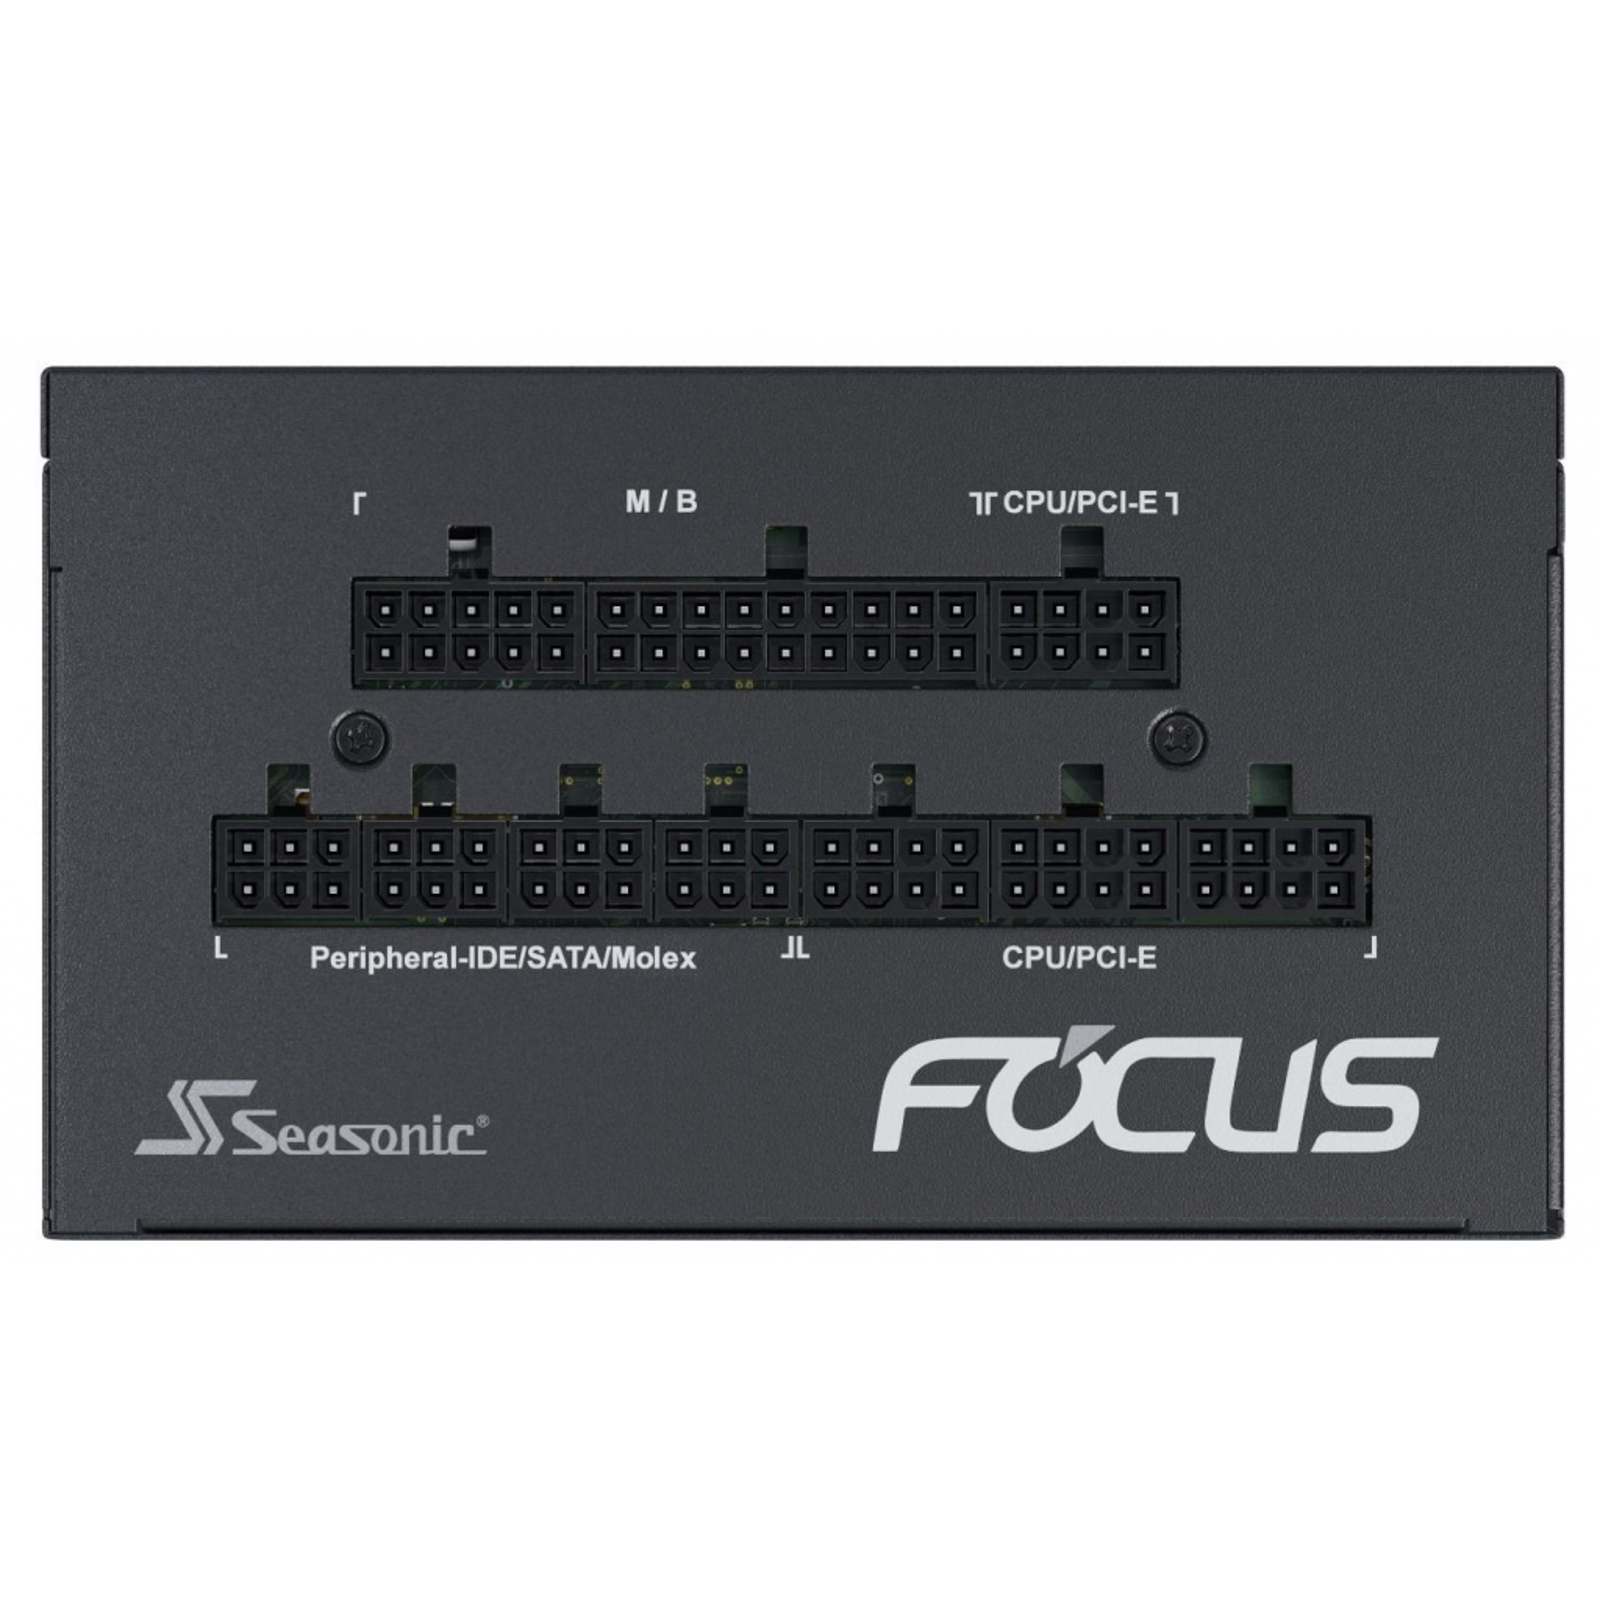 Блок питания Seasonic 650W FOCUS Gold NEW (FOCUS GX-650 (SSR-650FX)) изображение 3